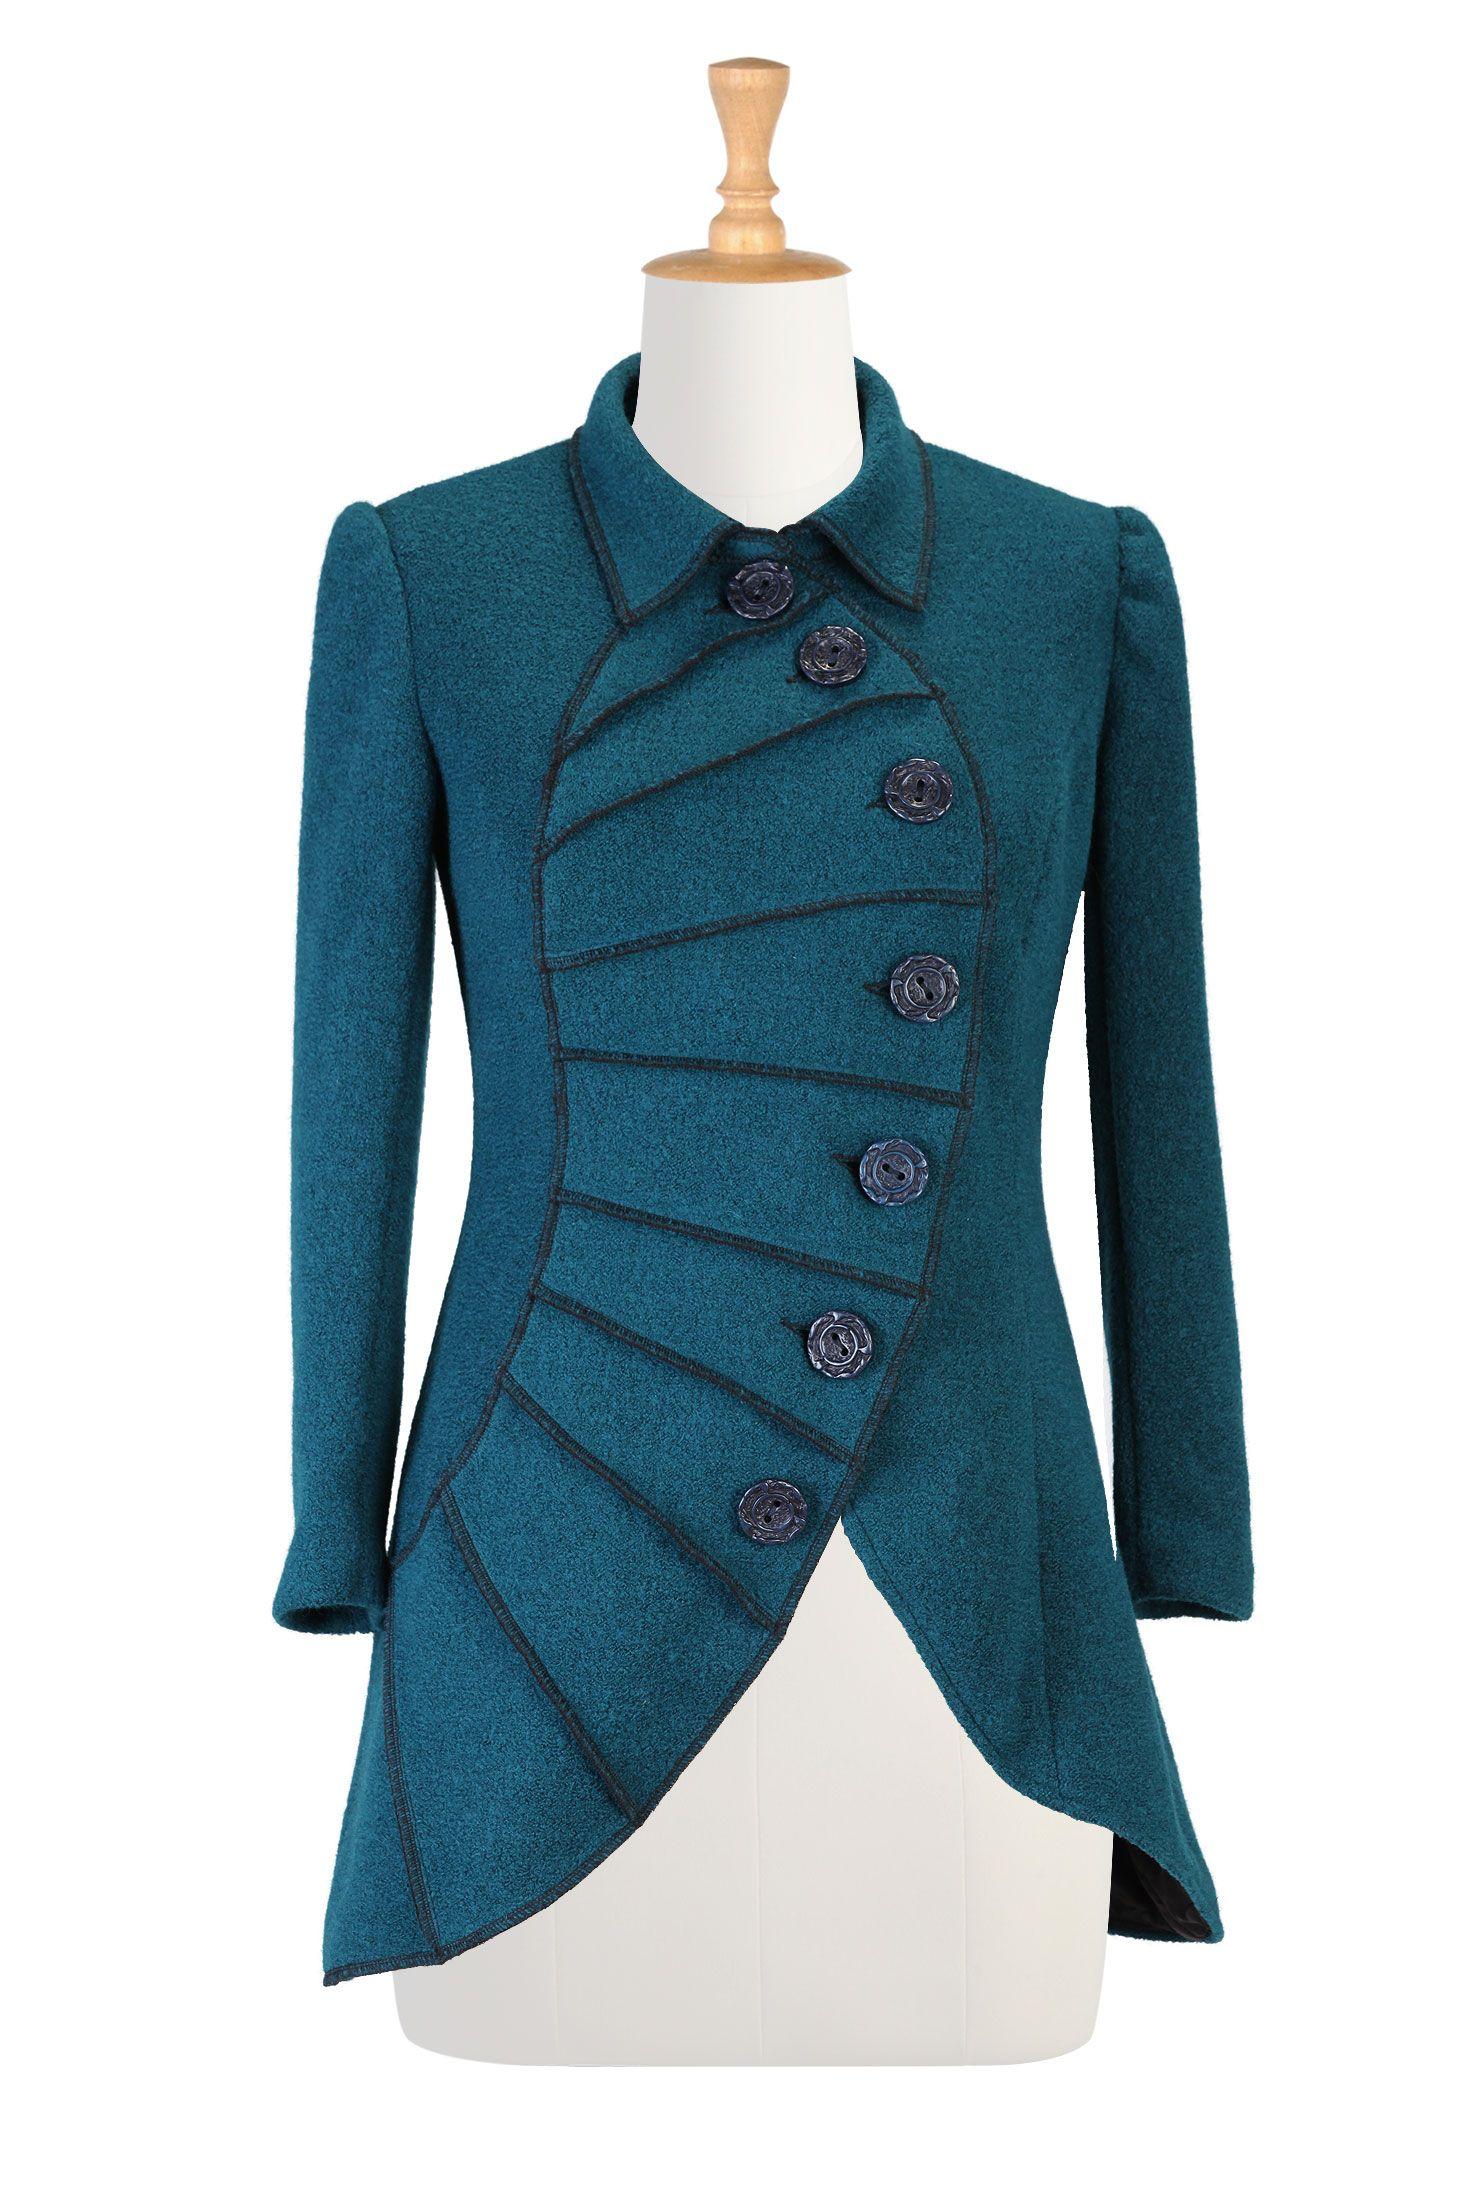 Asymmetric fan pleat blazer blazers womenus fashion and black button